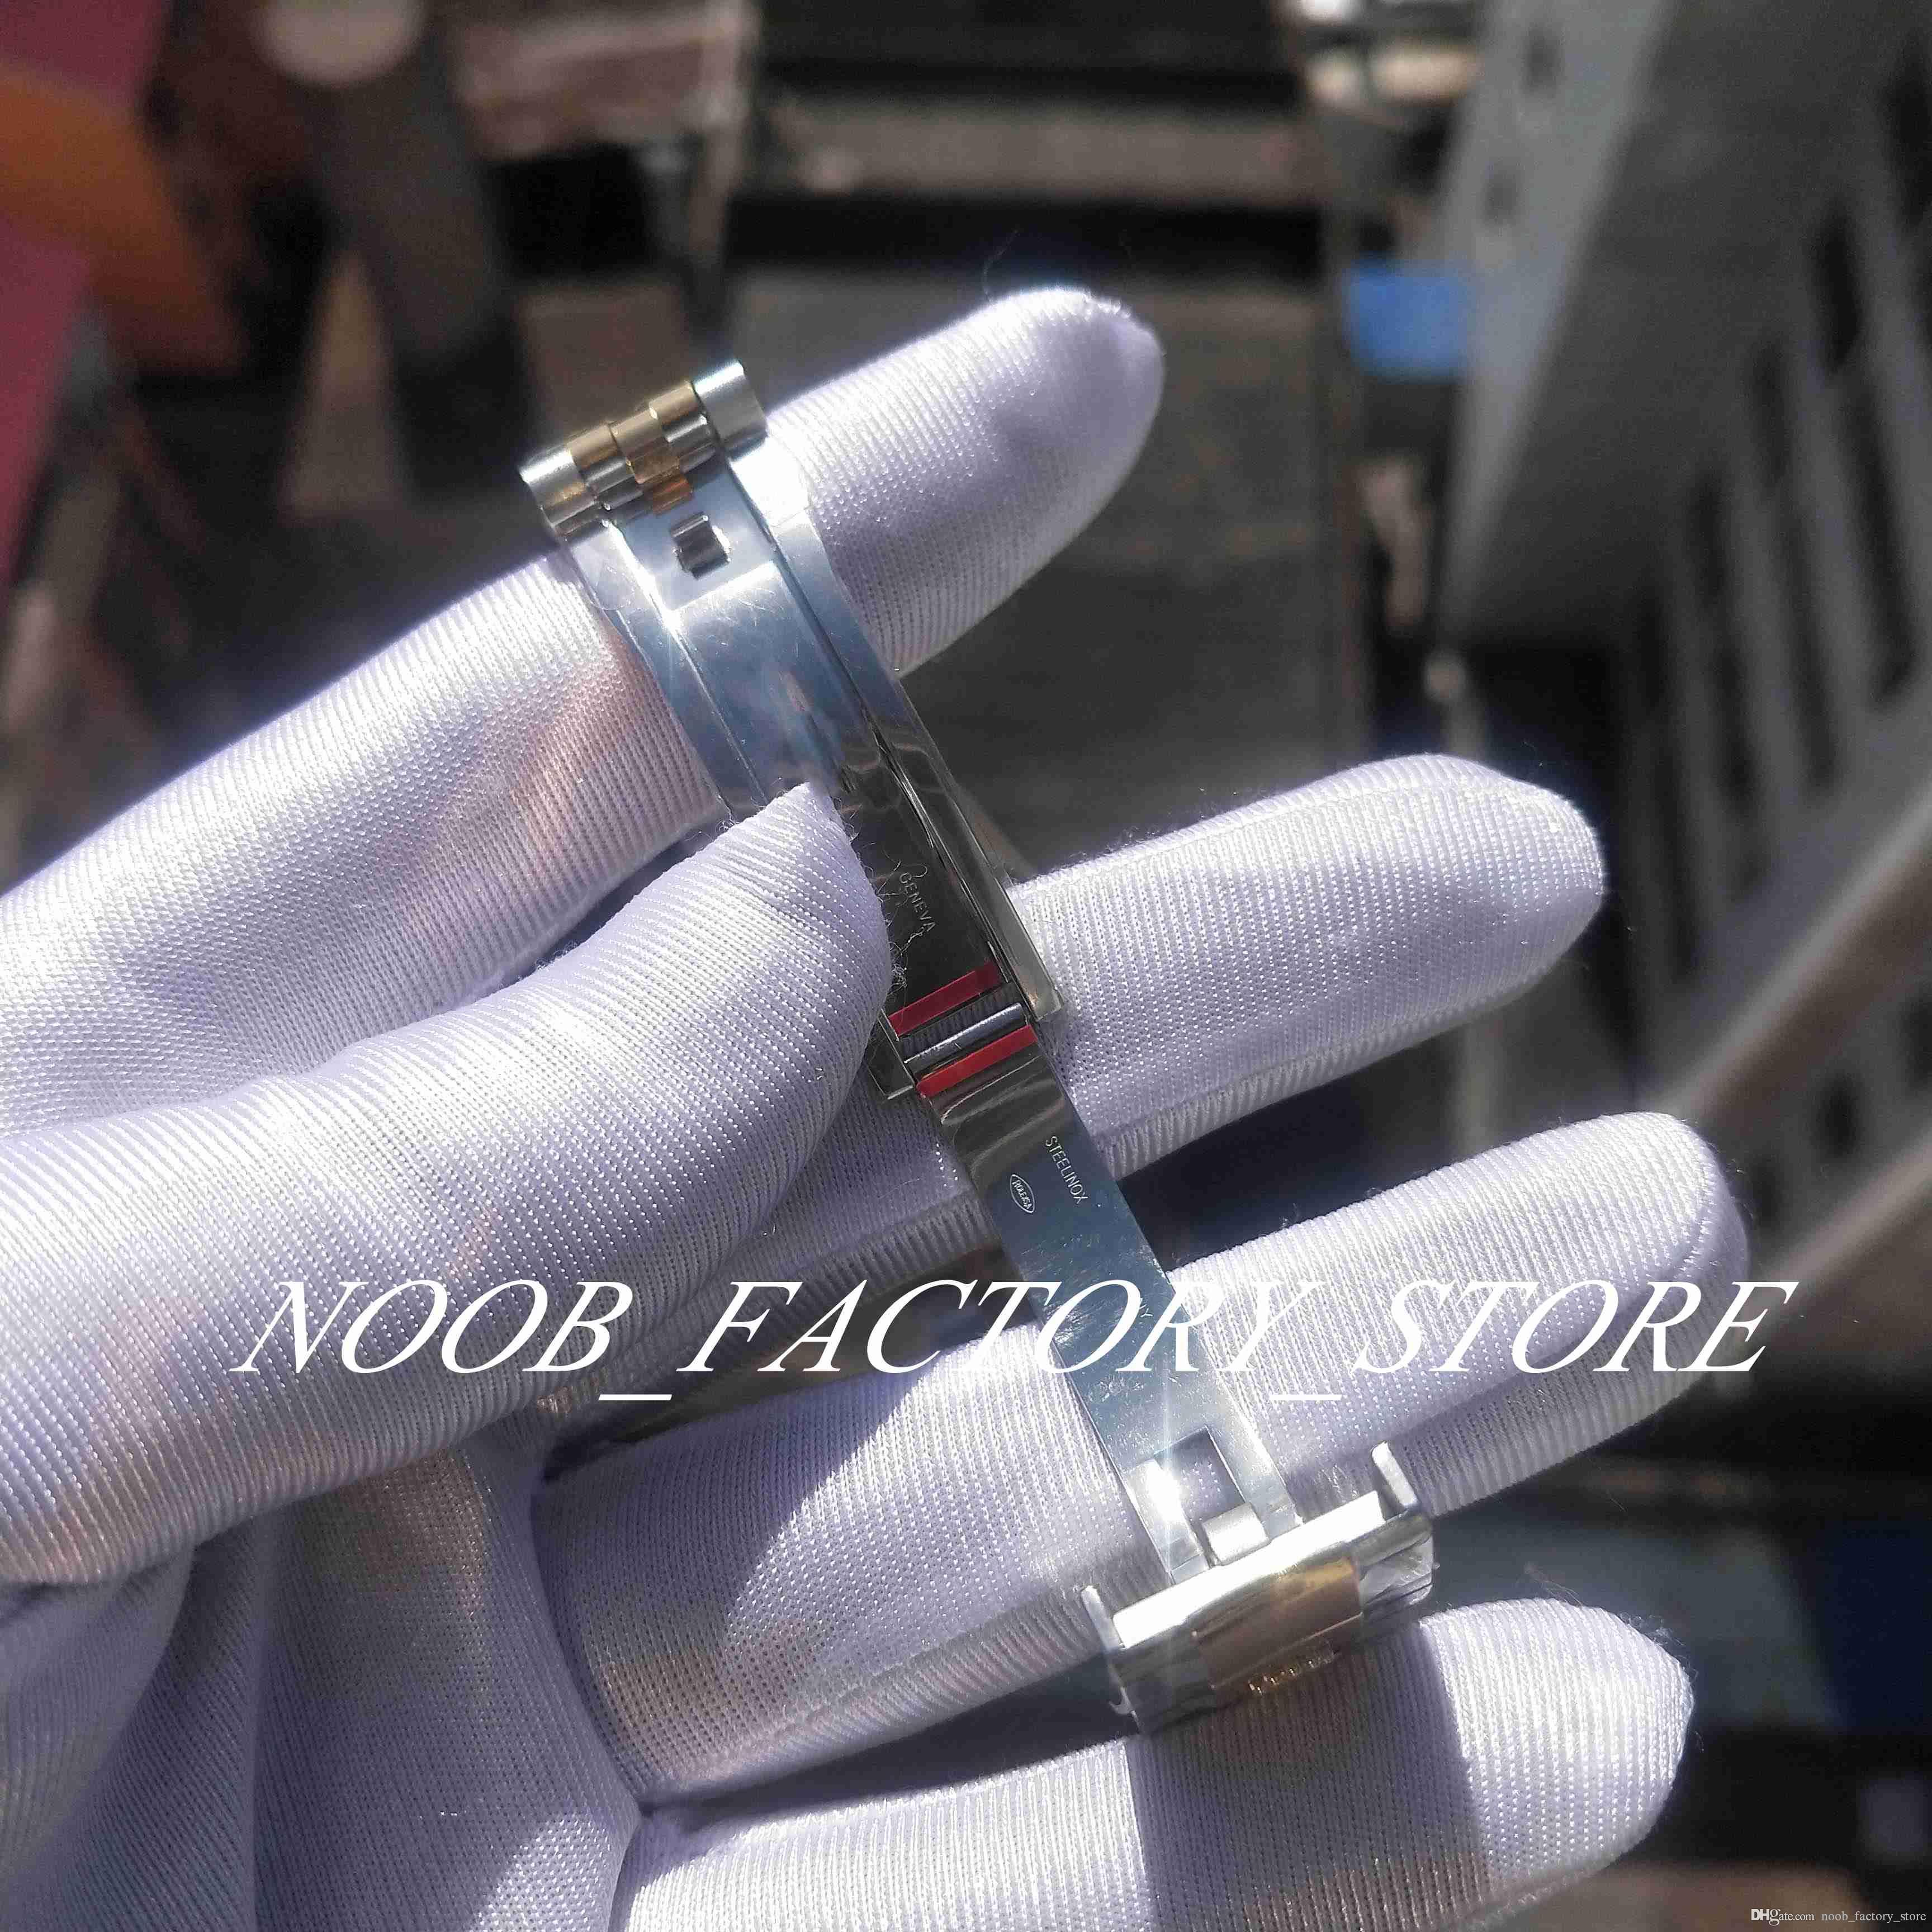 Mouvement Factory 2813 126333 Super Super Bicolor Nouveau Cadran noir 41mm V2 Sapphire BP BP Bracelet automatique Mens Diving Montres Mrkve